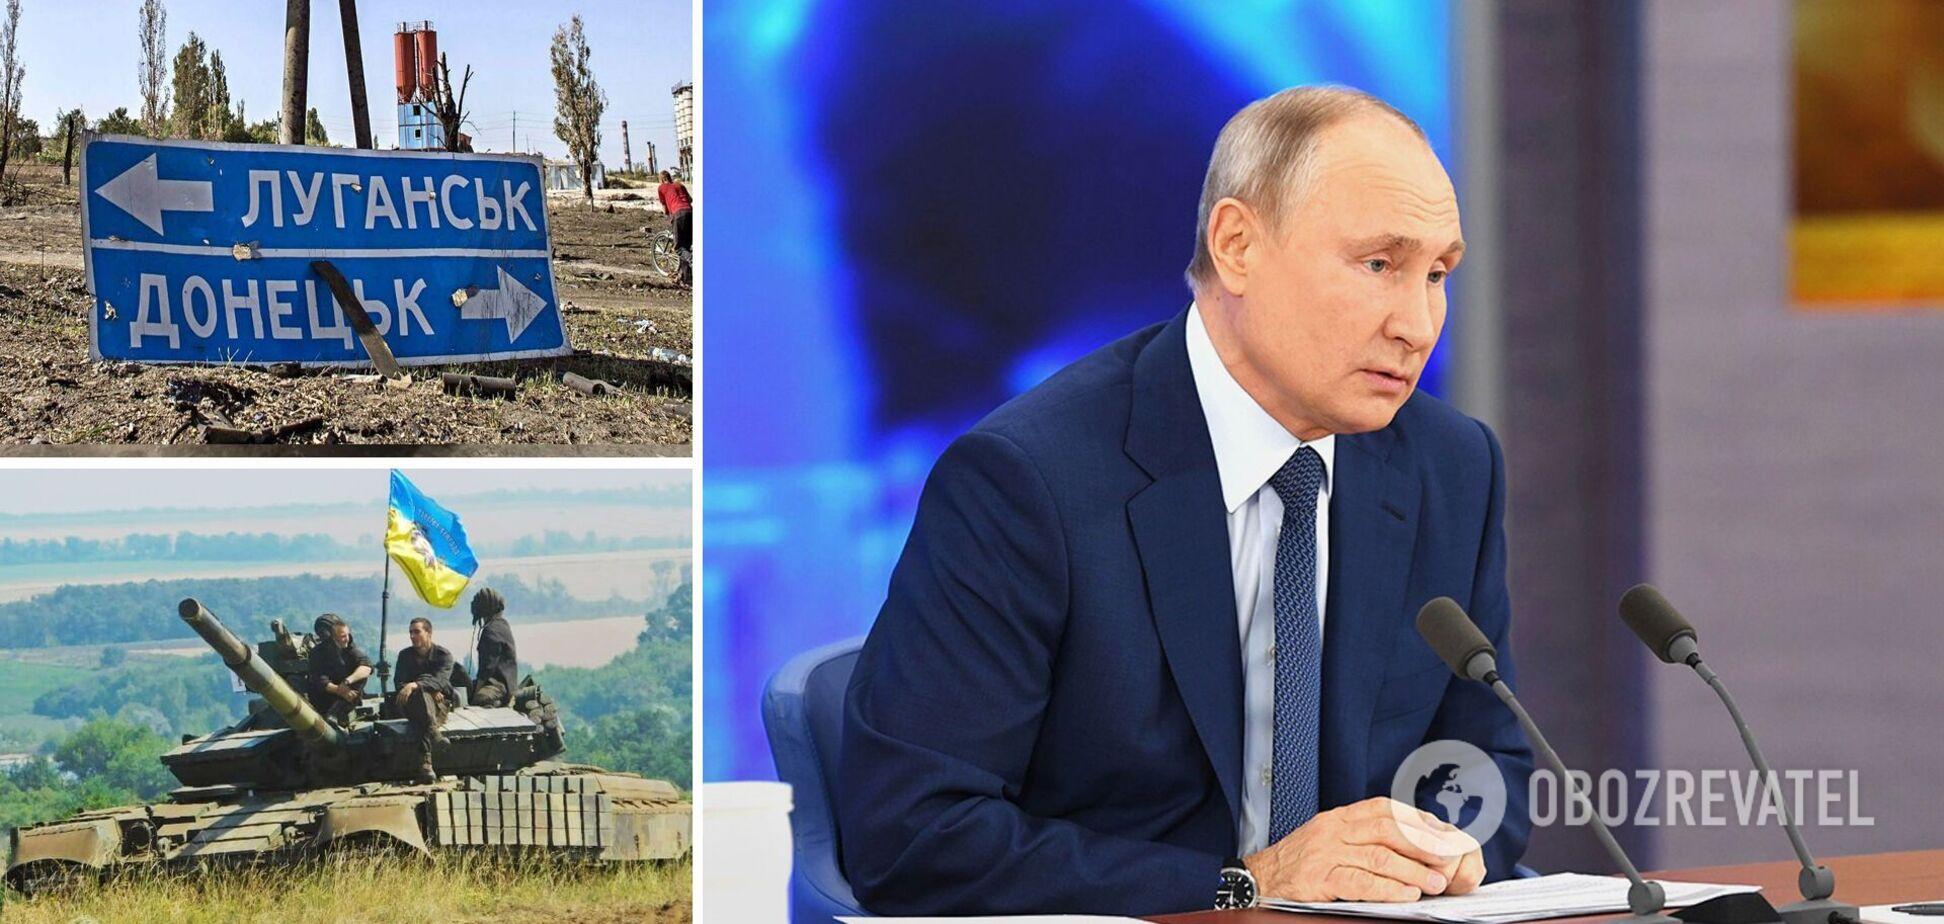 Росія використовує ОРДЛО для впливу на владу України, впевнений Гримчак